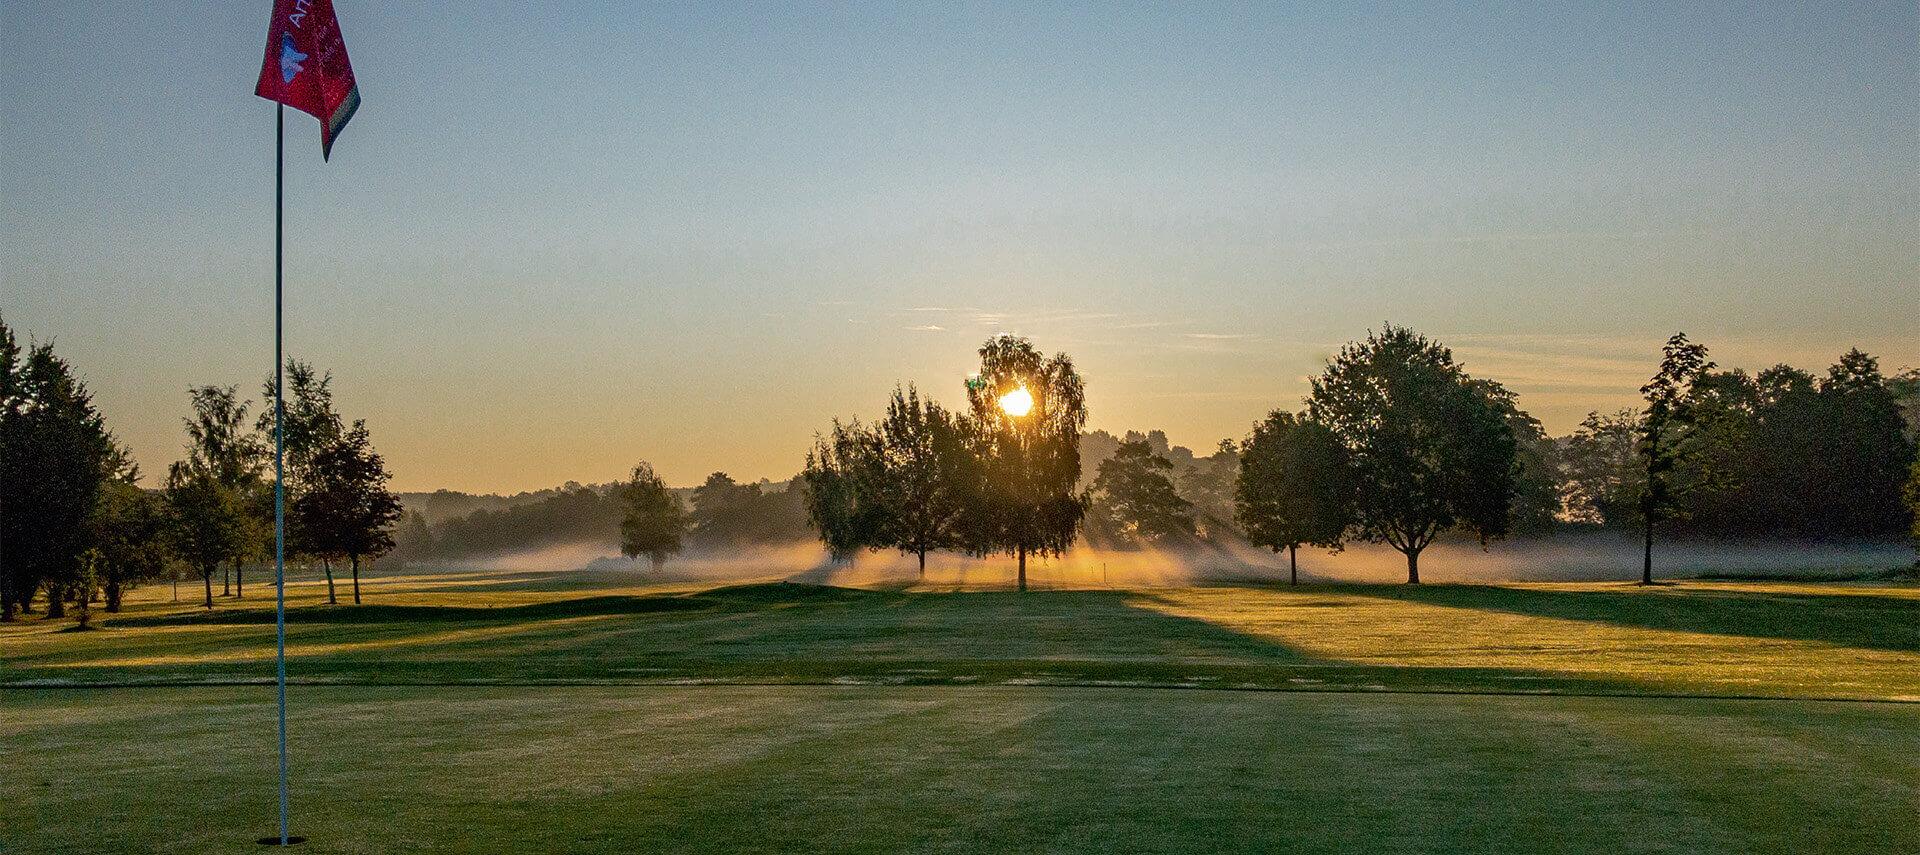 1 - Golfclub-Reichertshausen - OK - 2021-04